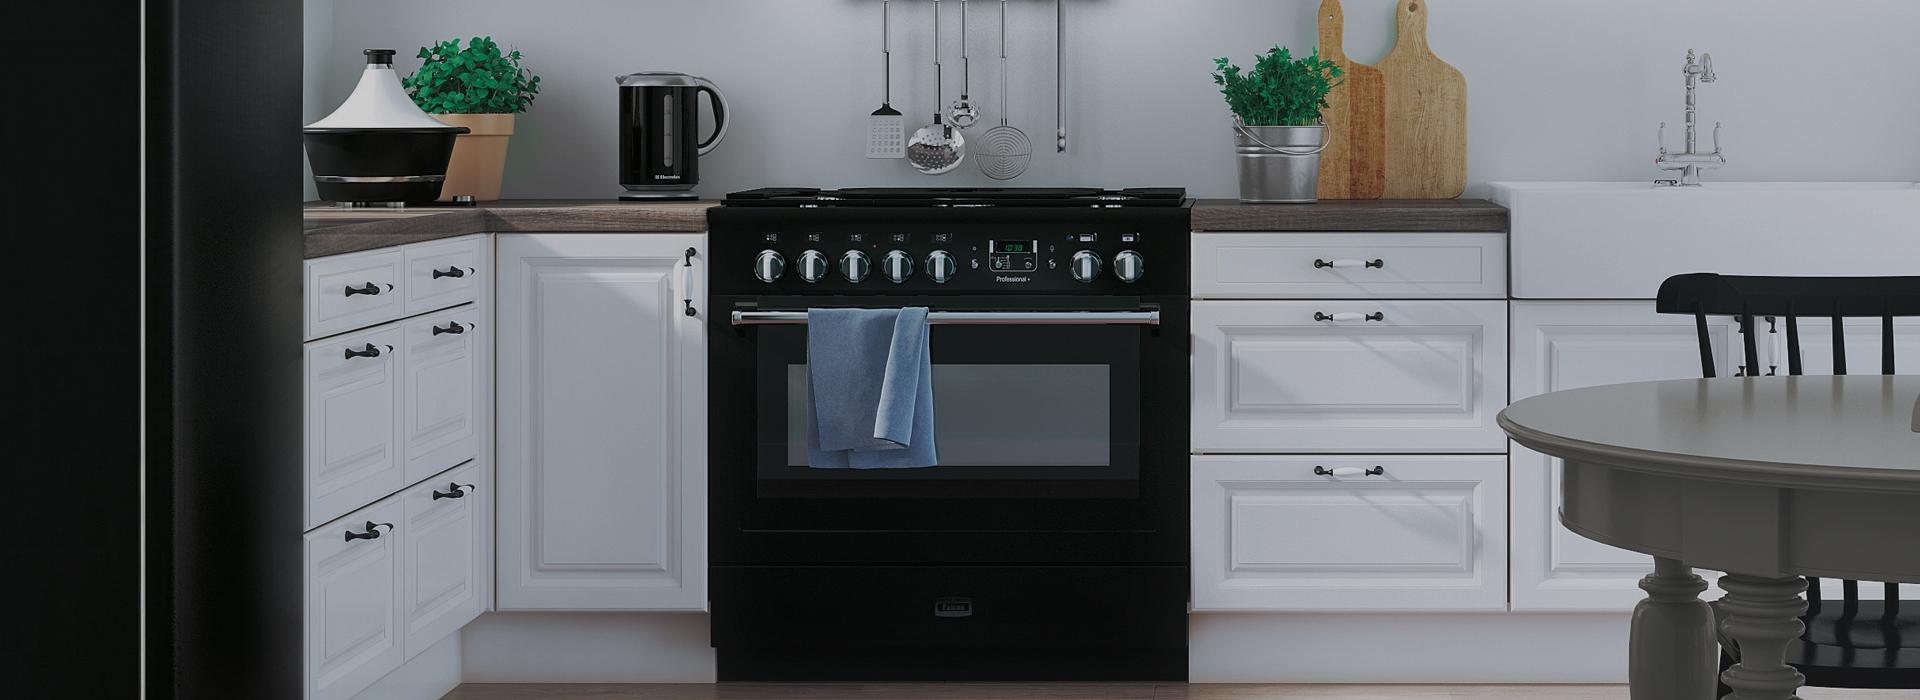 Comment Differencier Induction Et Vitroceramique comment choisir son piano de cuisson pour sa cuisine équipée.